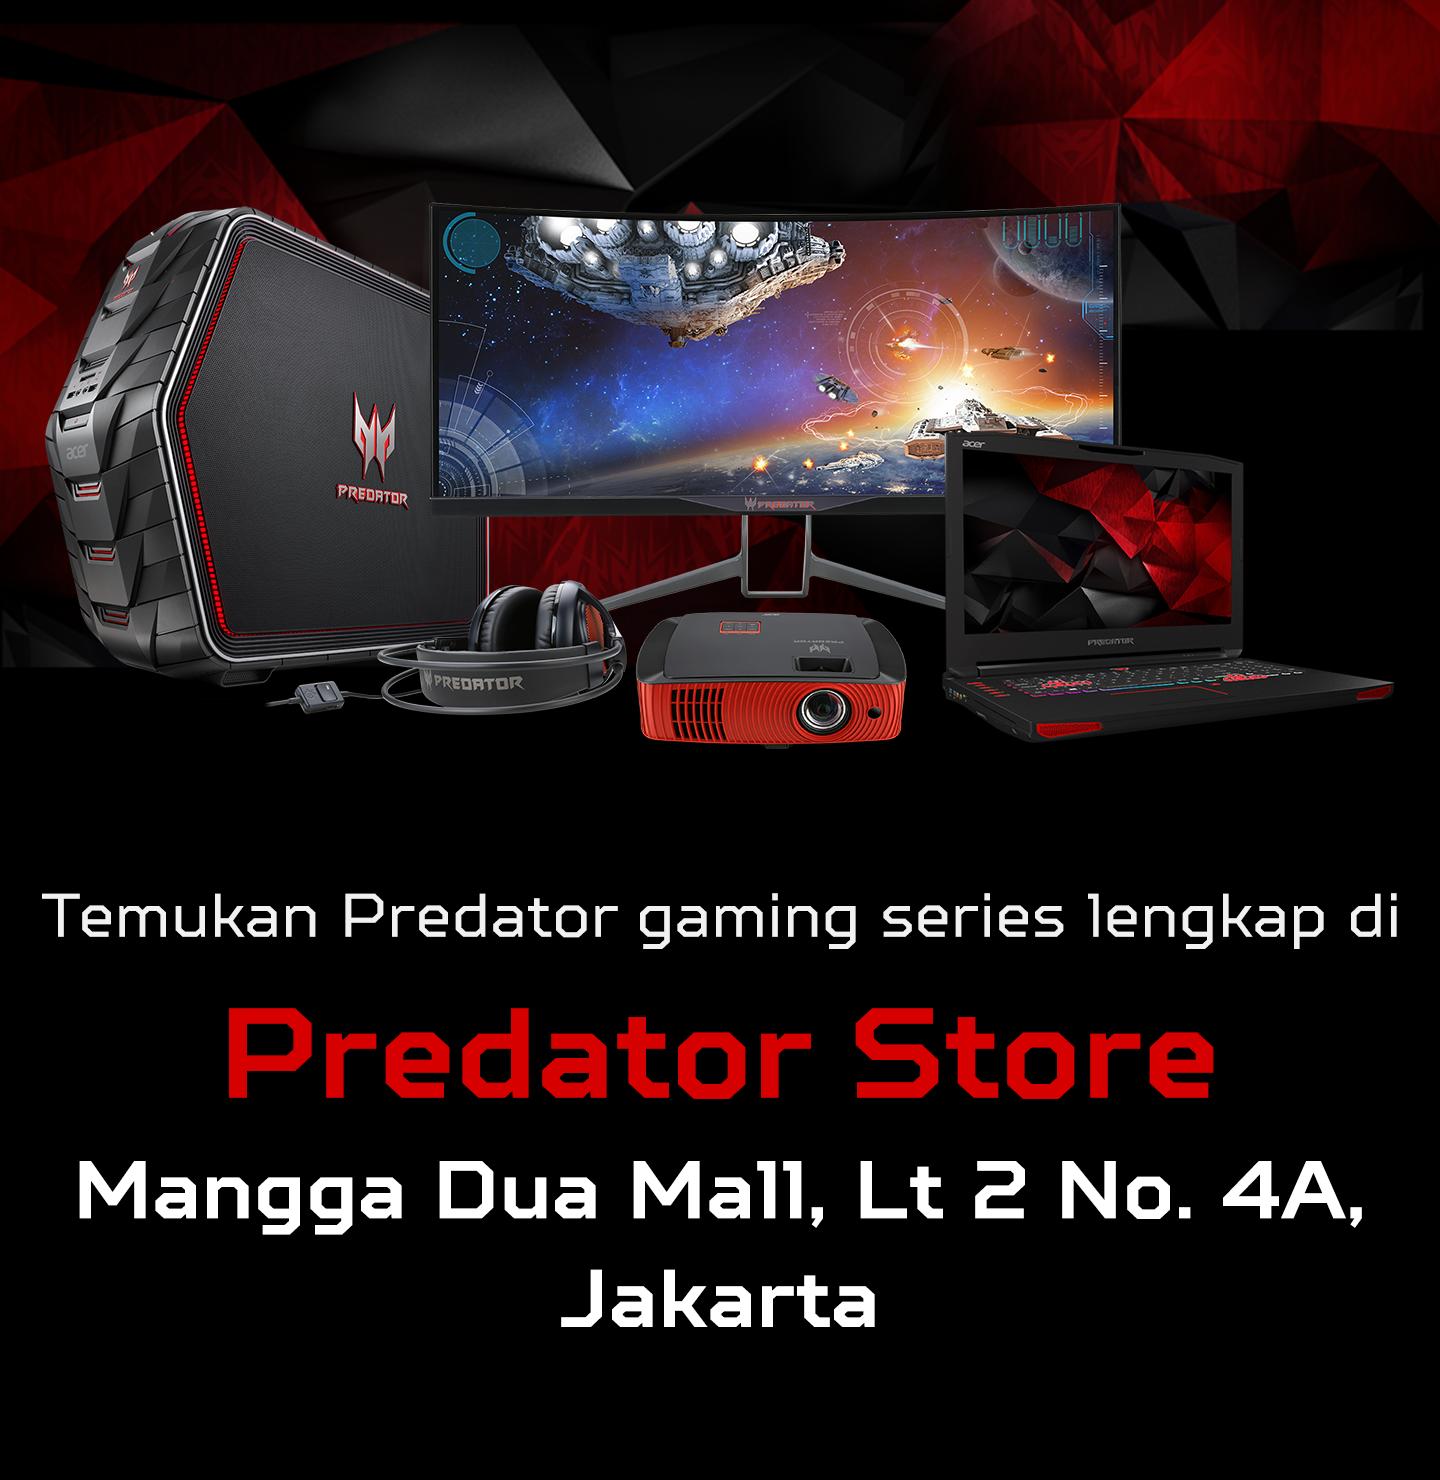 Acer Predator Store